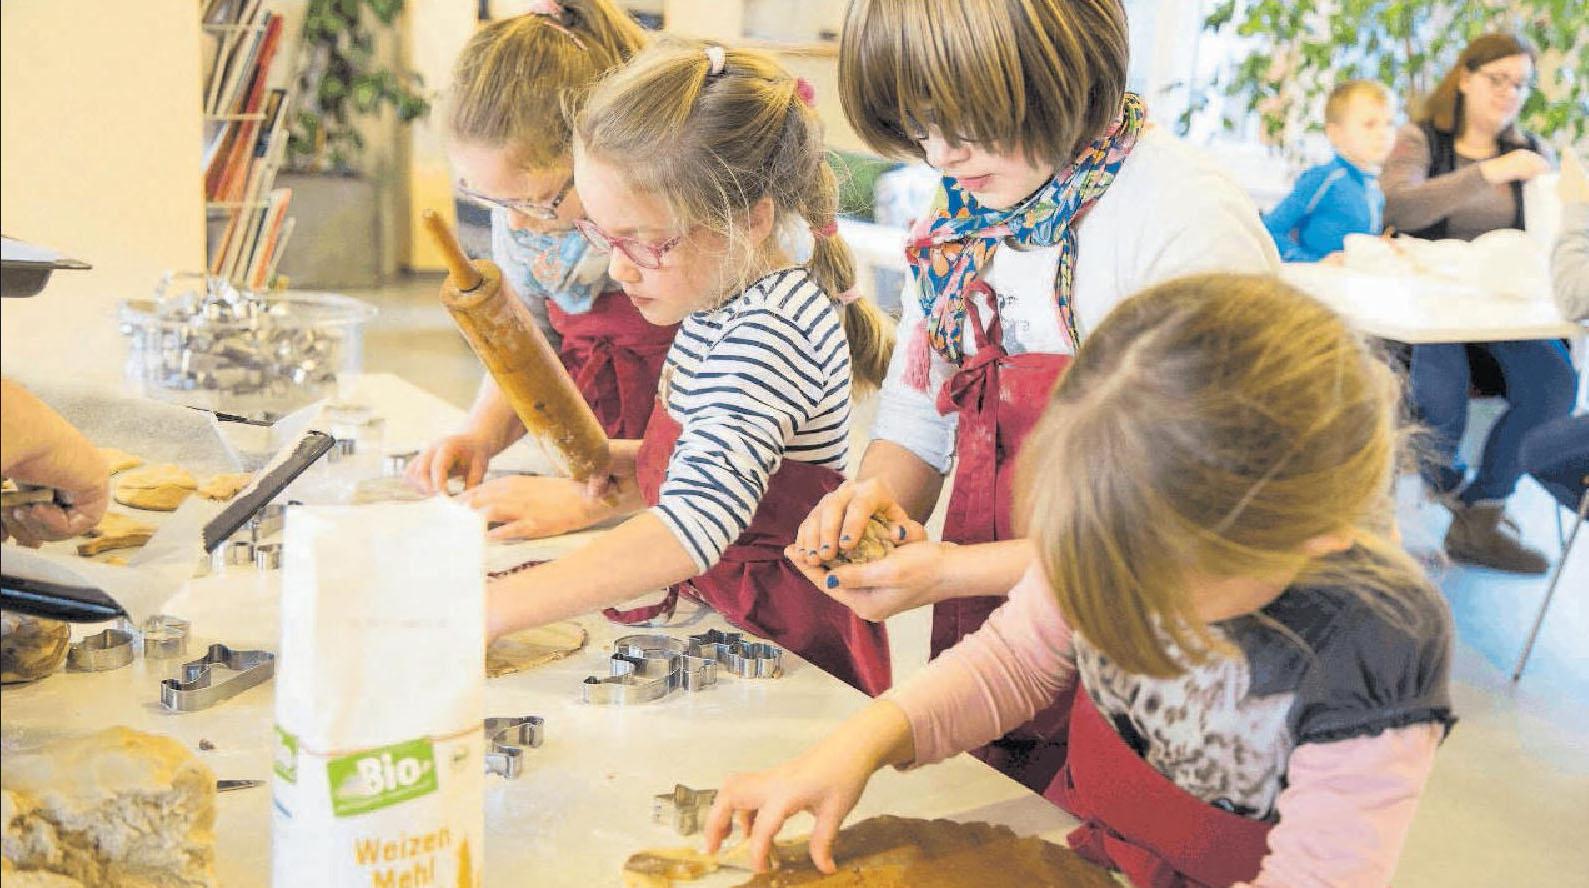 Freizeit für alle: Während Eltern eine Auszeit genießen oder in Ruhe Weihnachtsgeschenke kaufen können, dürfen Kinder am Samstag im JuKuZ backen. FOTO: MÜLLER/JUKUZ/FRE